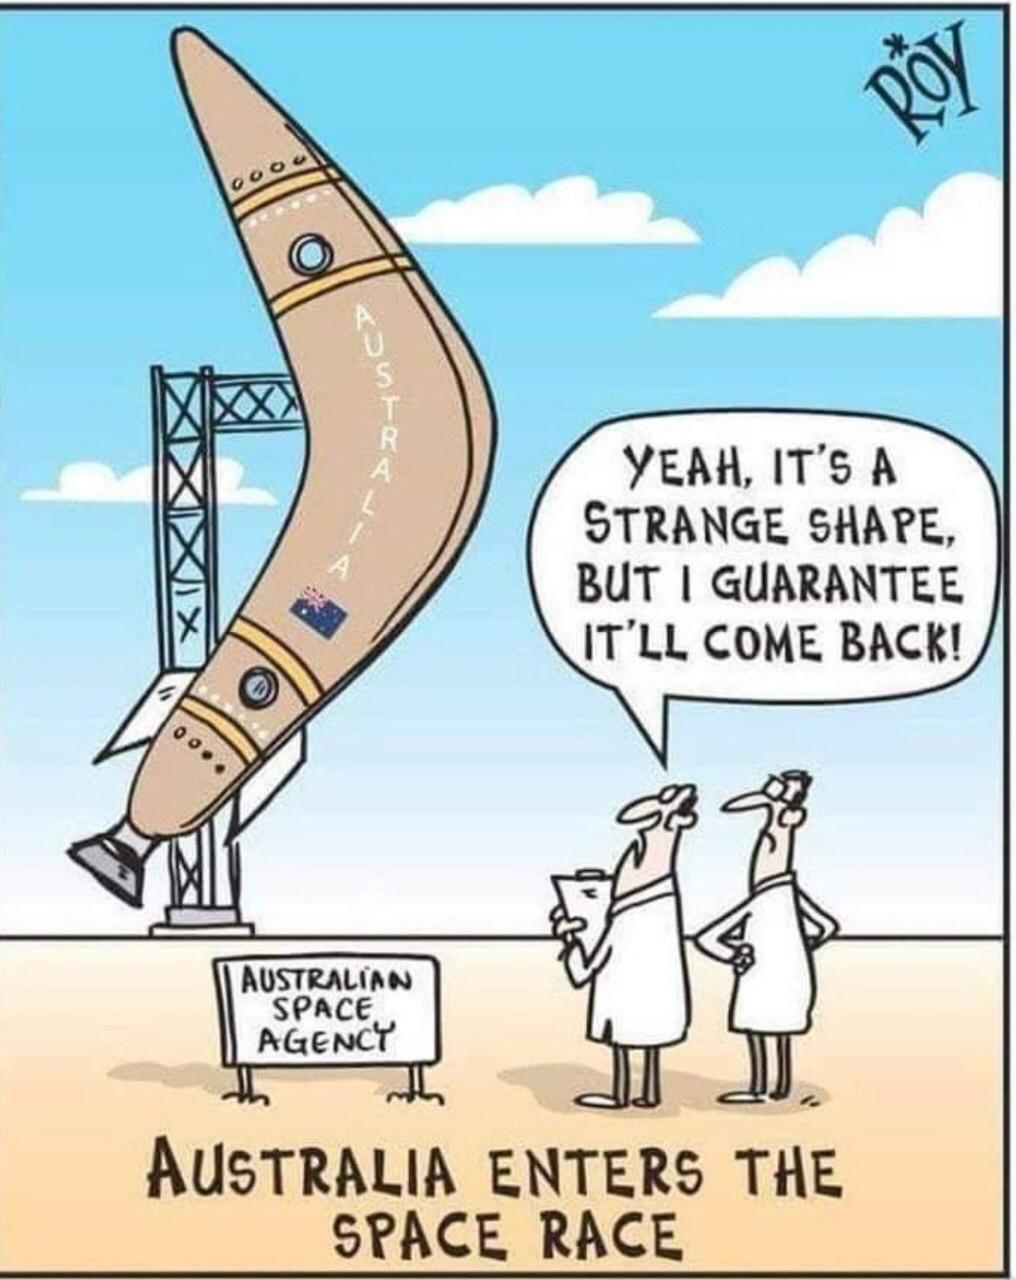 Australia enters the space race